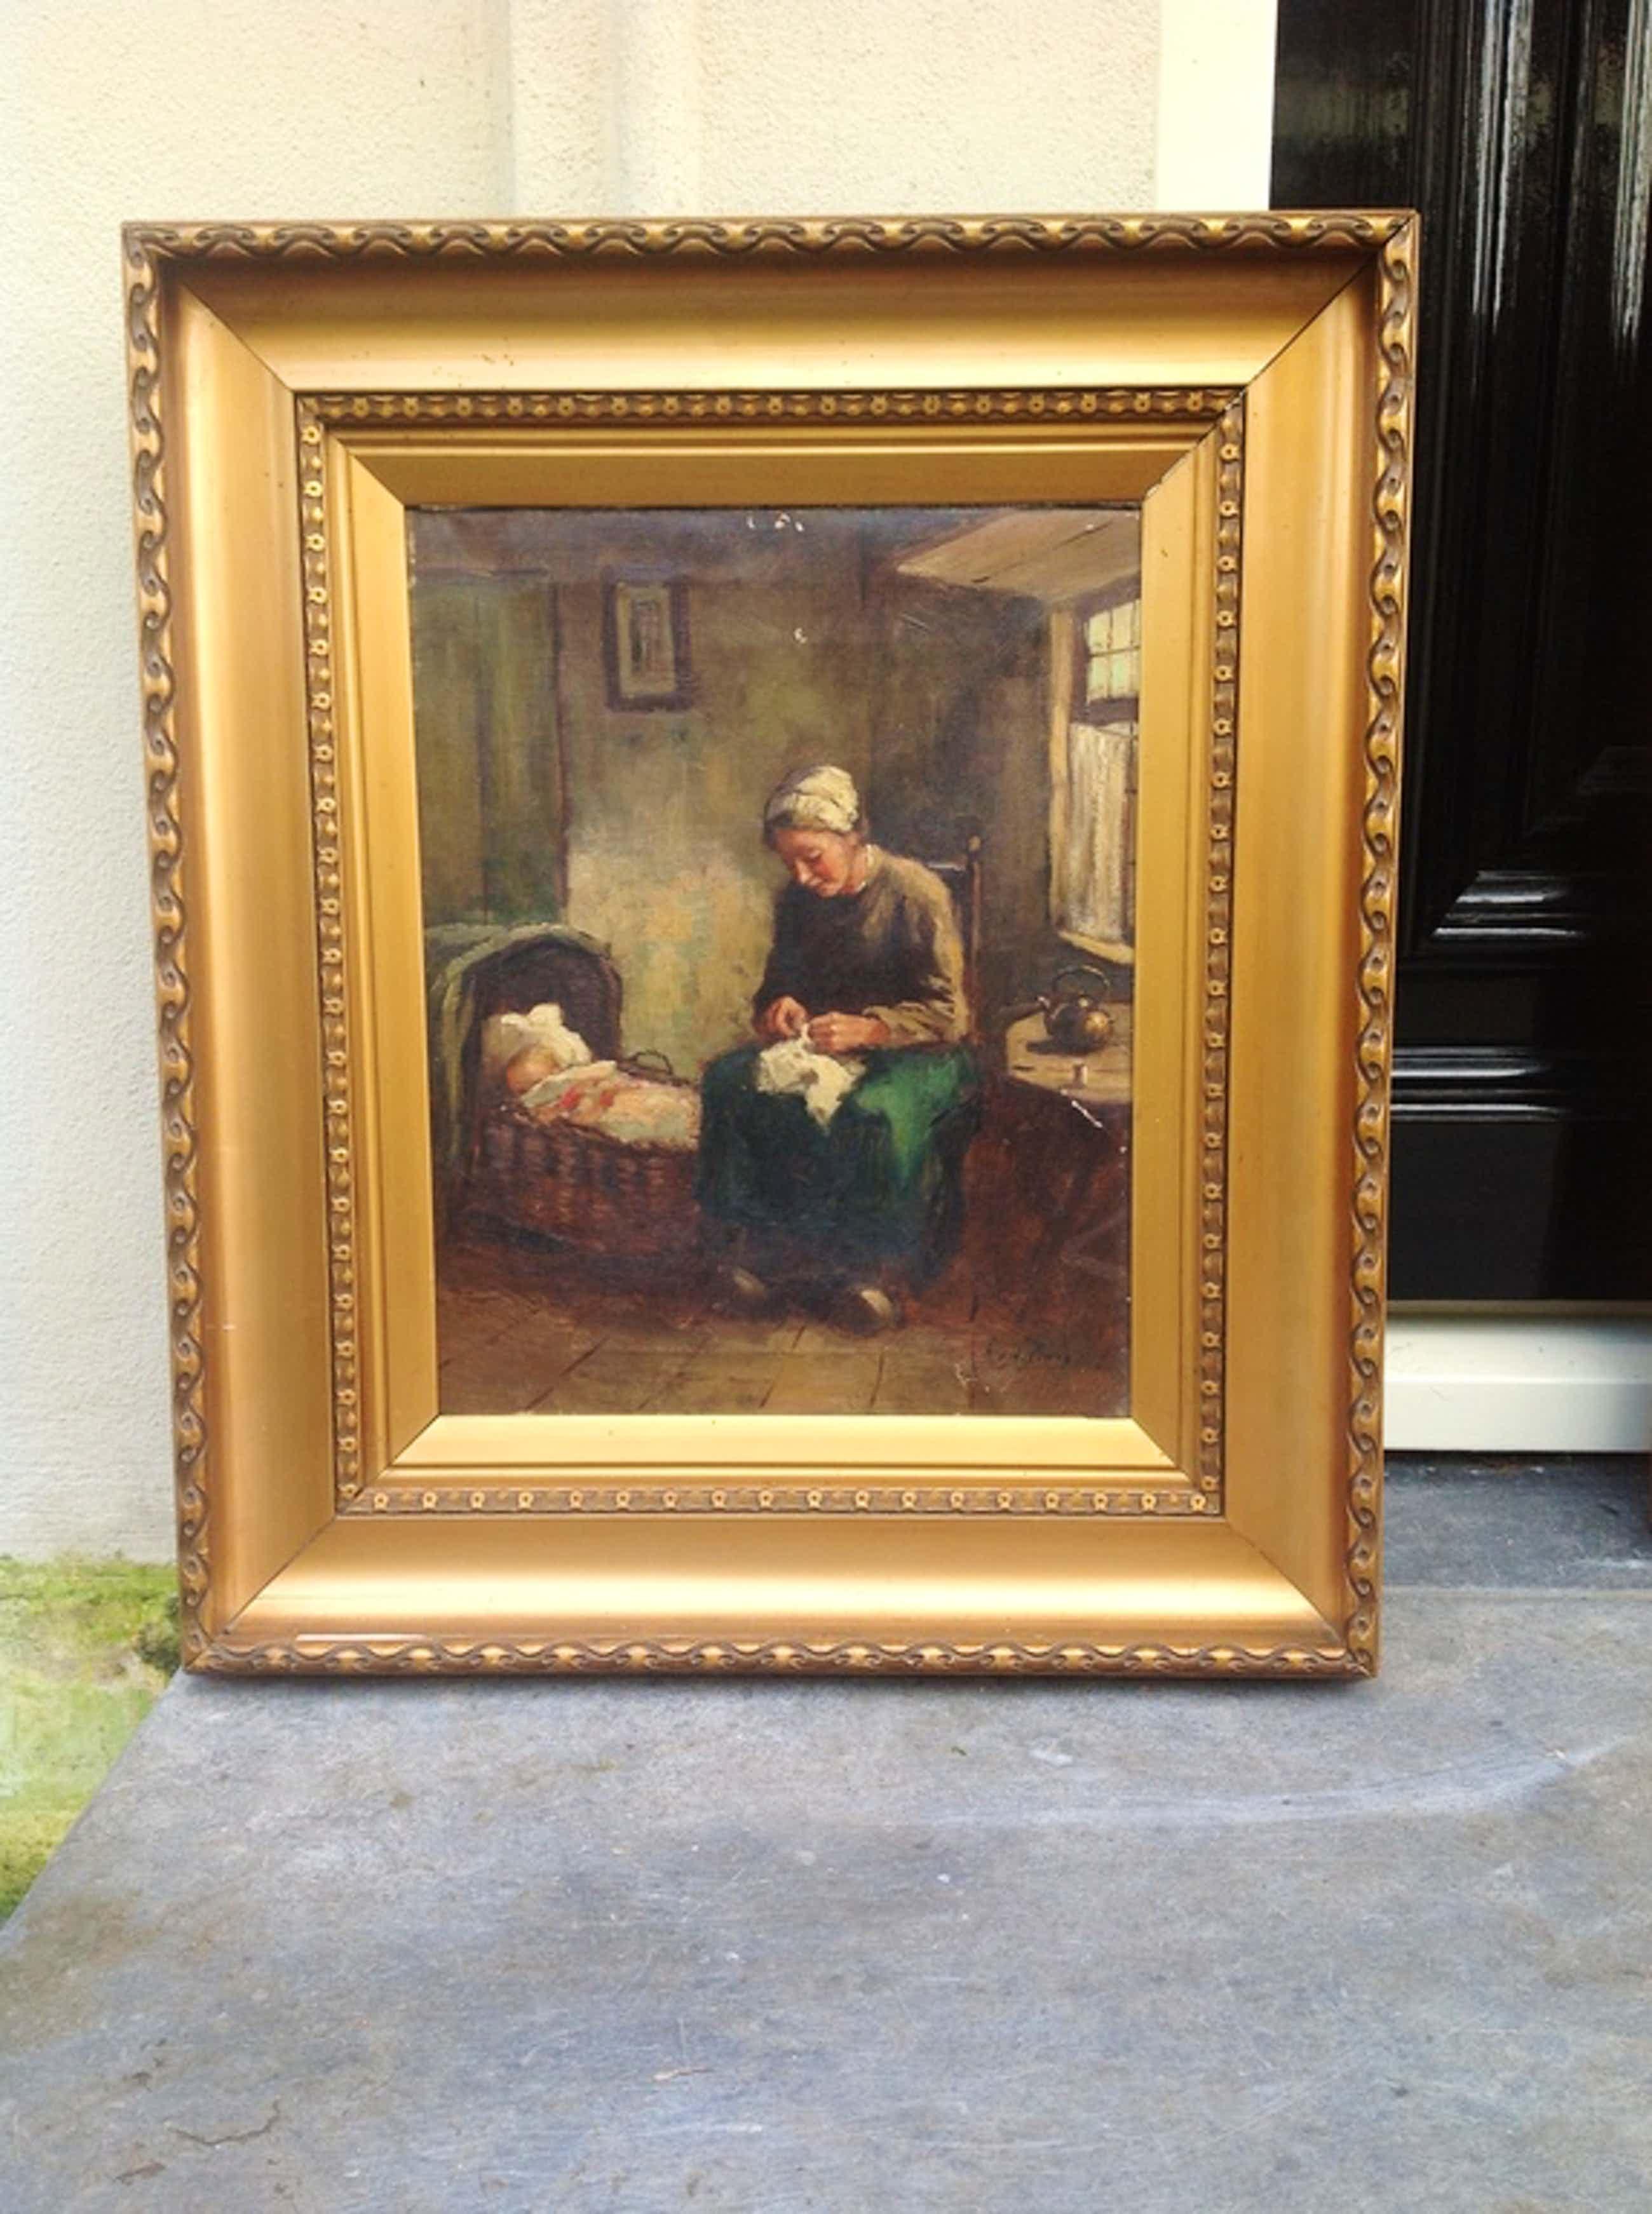 Andries van den Berg, Binnenhuisinterieur met moeder en kind, olie op doek kopen? Bied vanaf 56!